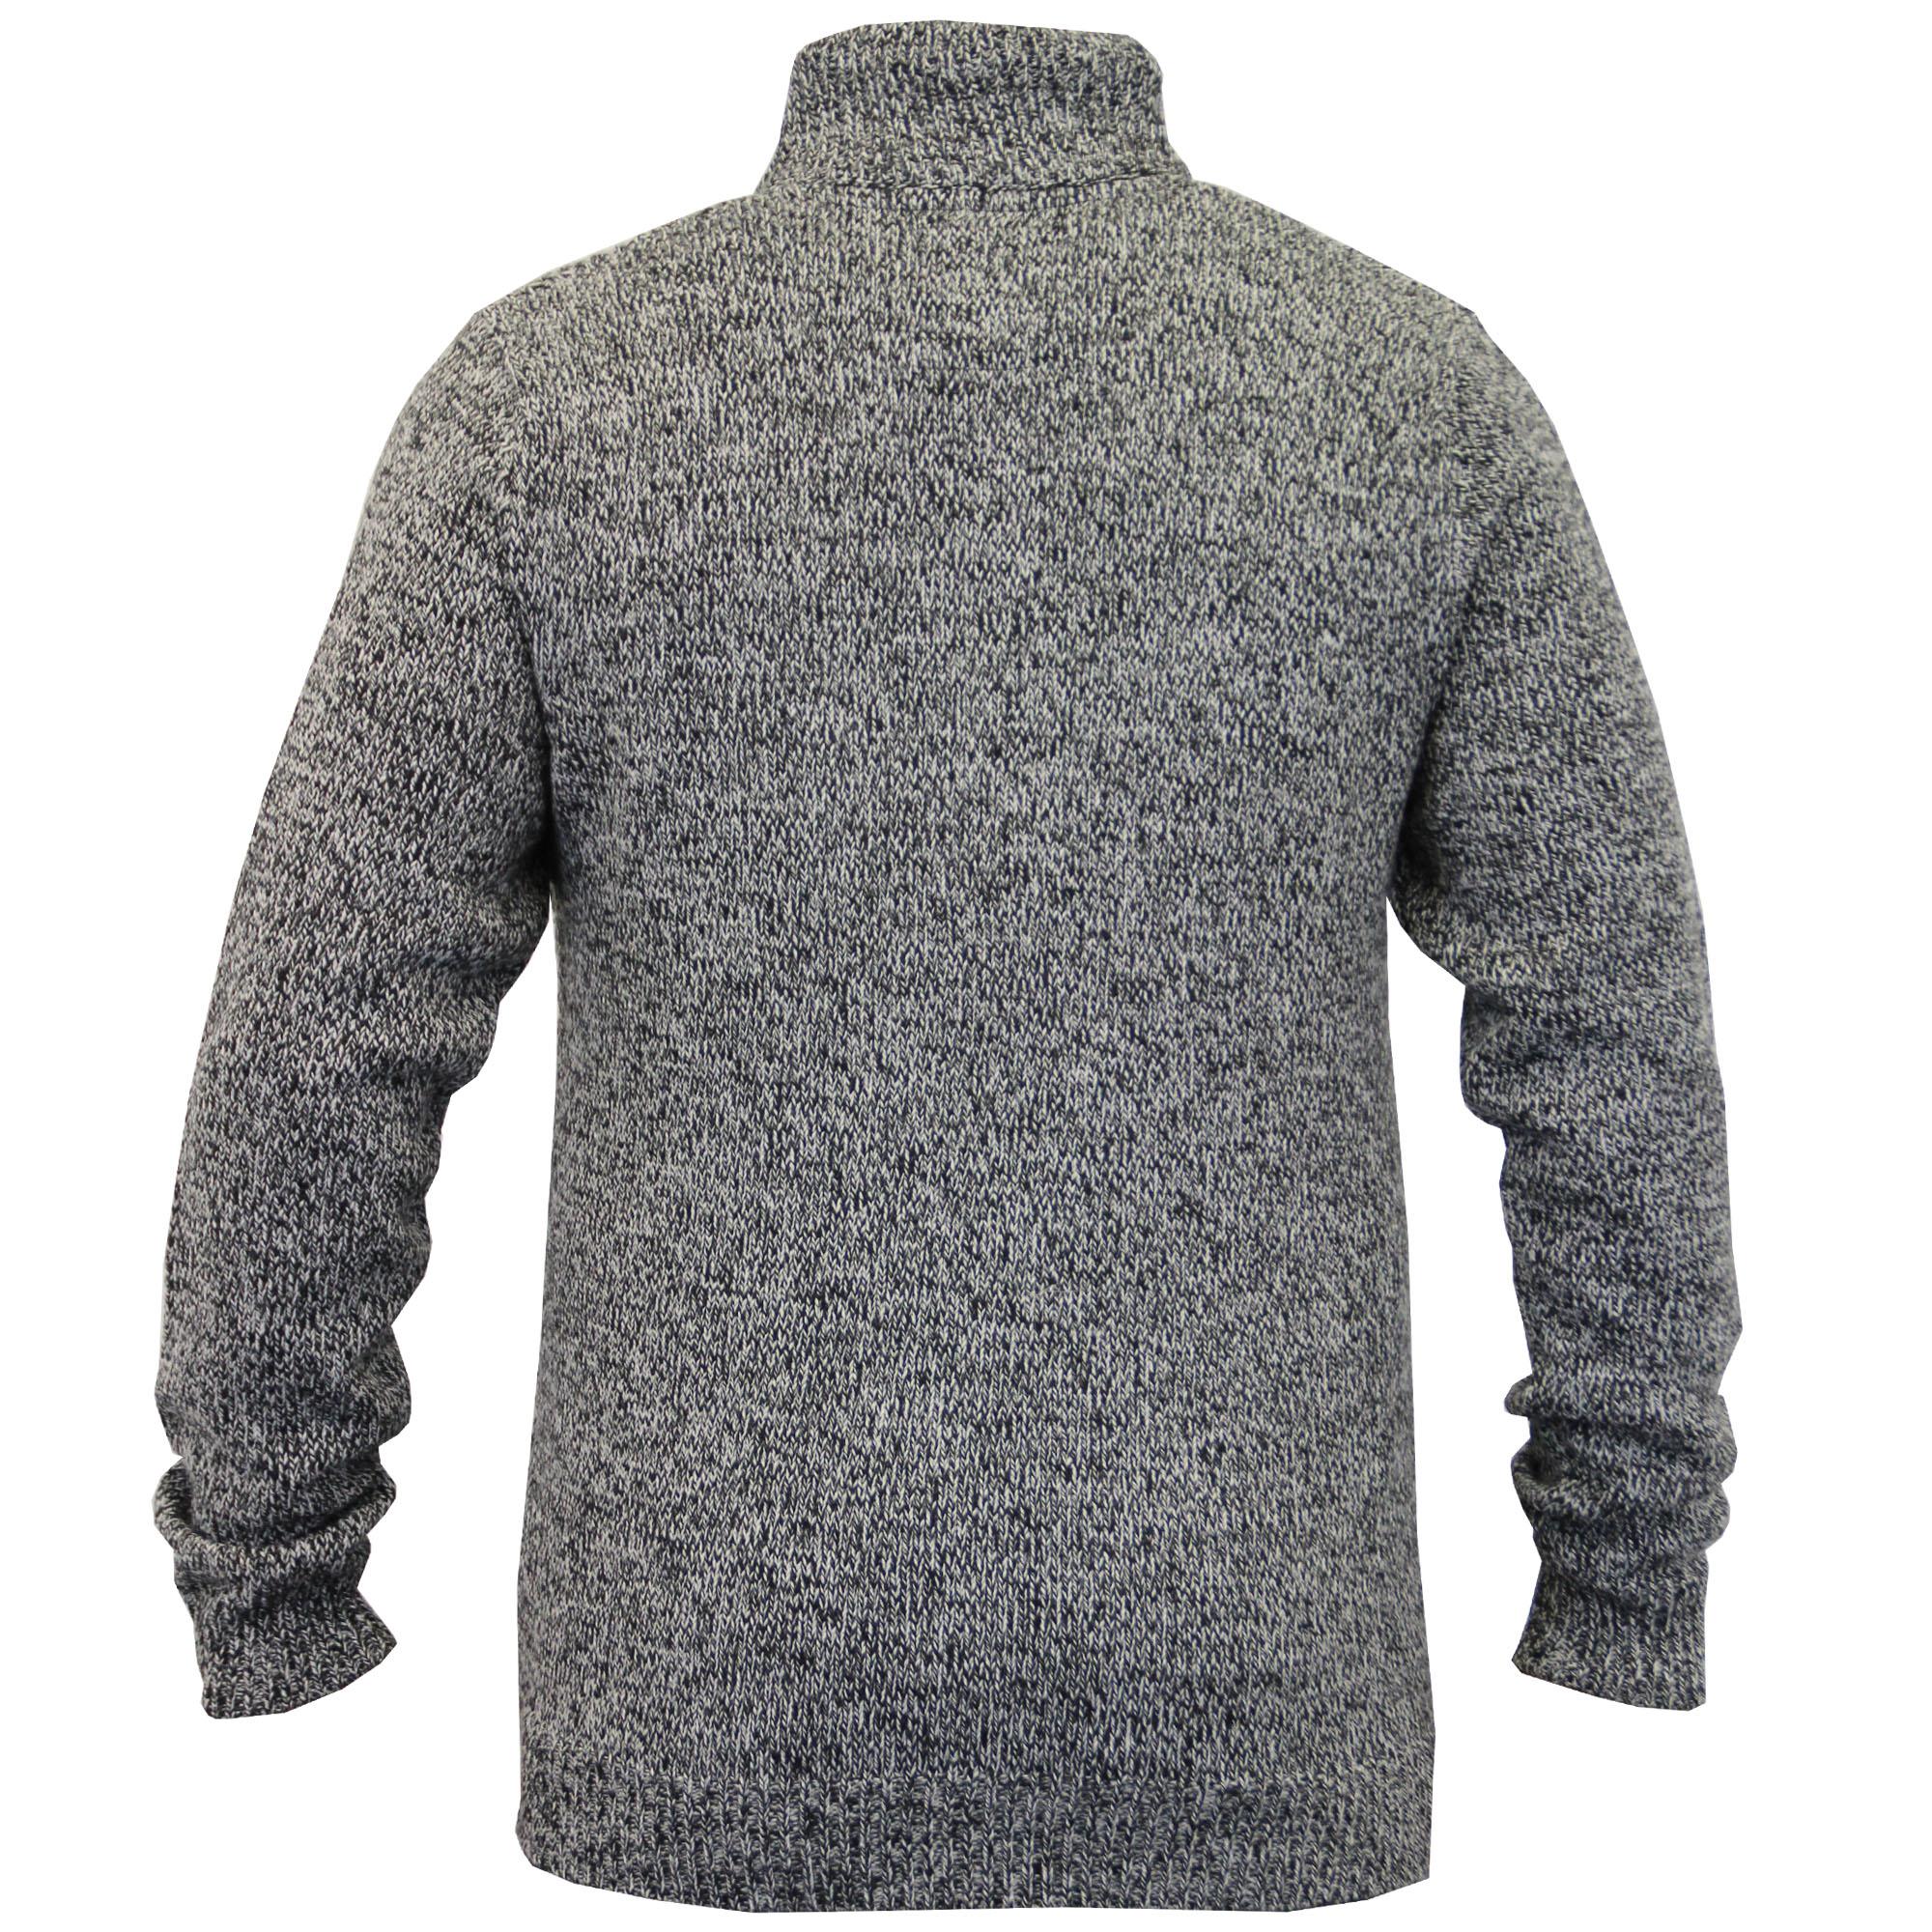 herren wollmischung pullover threadbare strickpulli sherpa hochkragen winter neu ebay. Black Bedroom Furniture Sets. Home Design Ideas